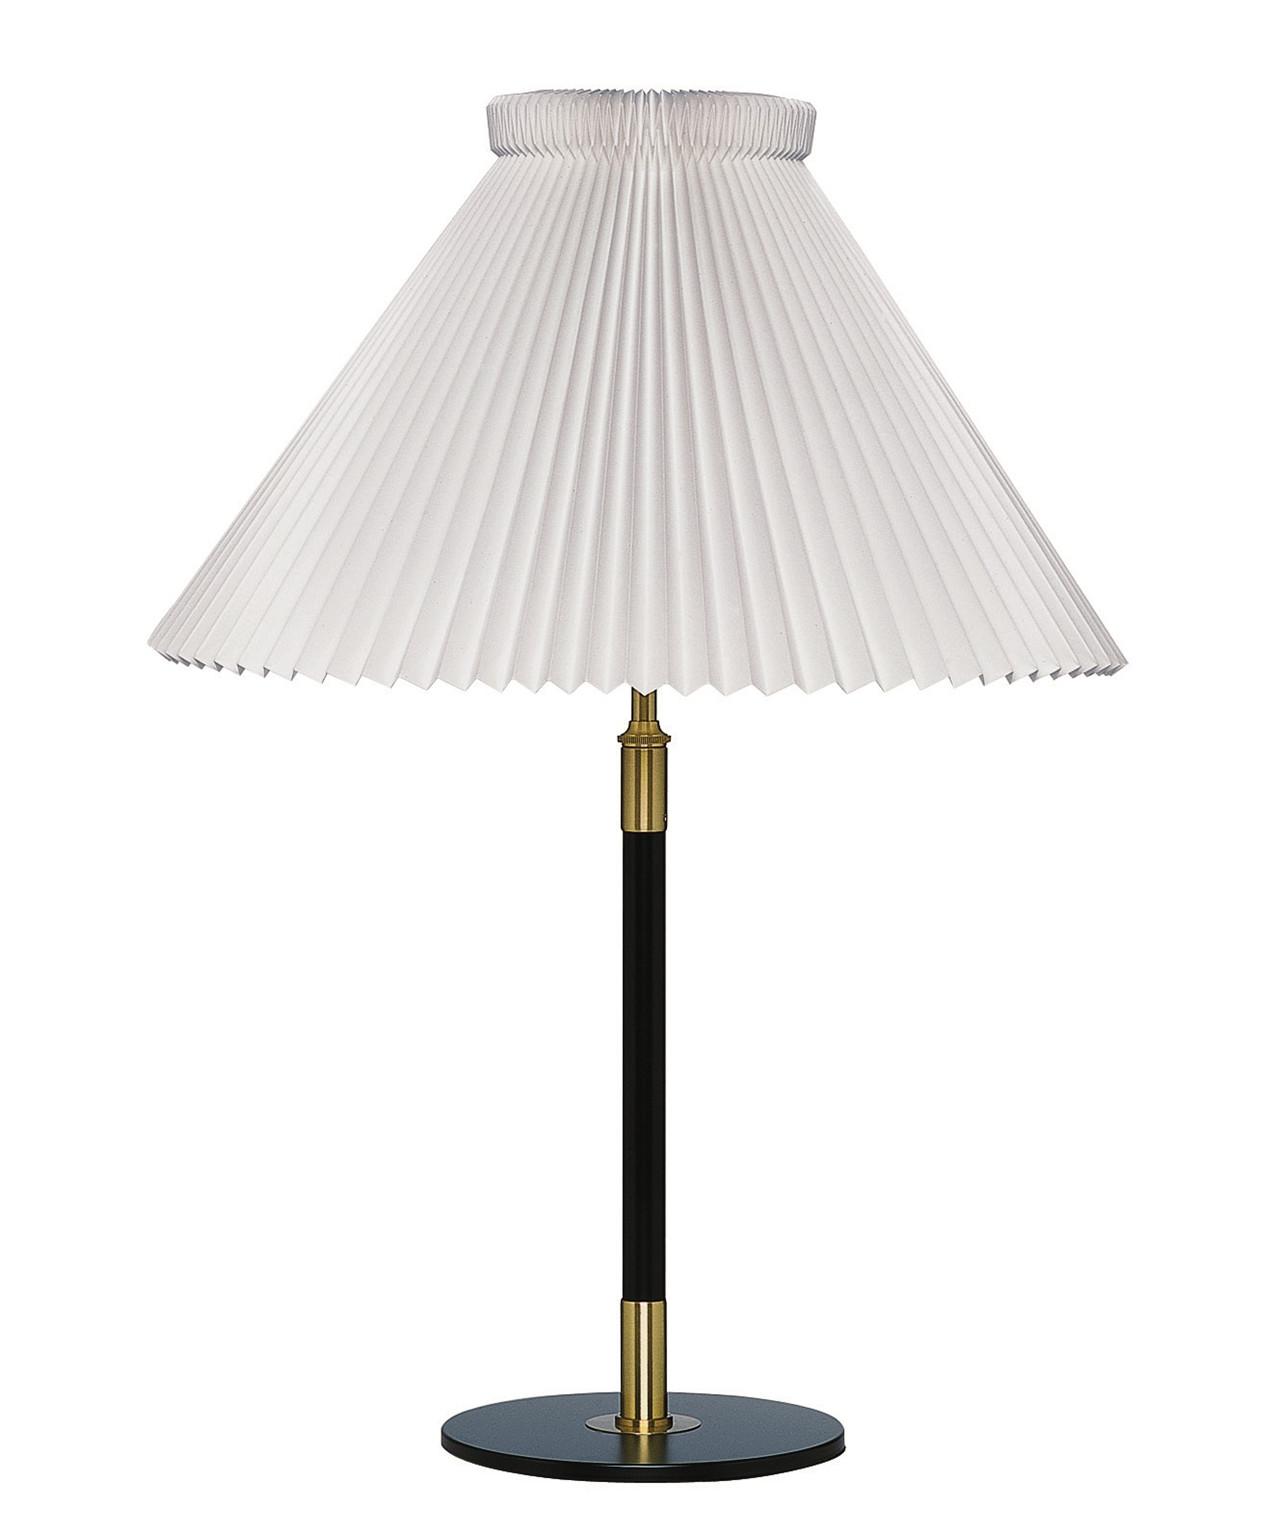 Le klint Le klint 352 bordlampe - le klint på lampemesteren.dk